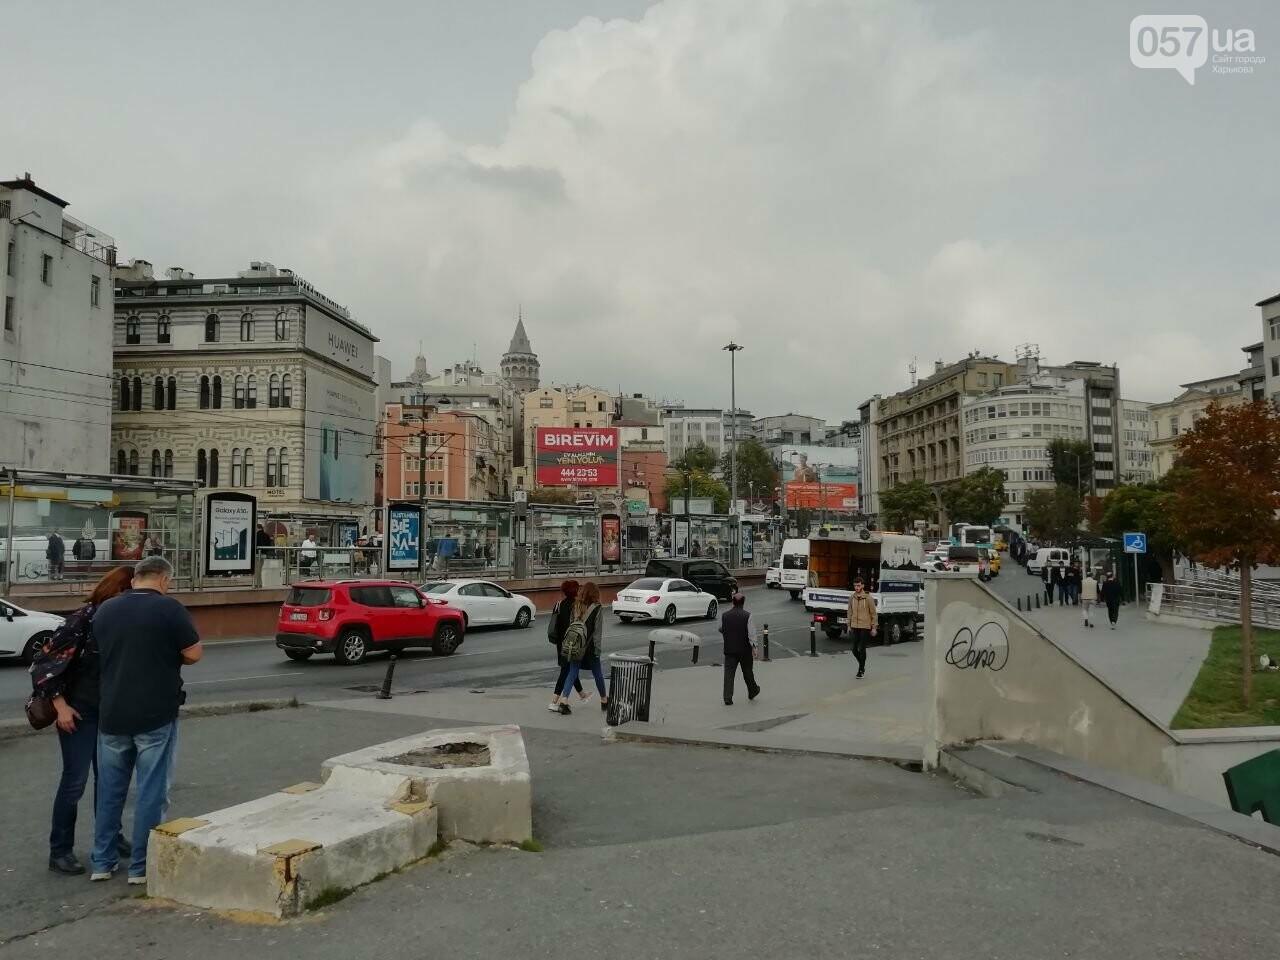 Из Харькова в Стамбул. Как добраться, что попробовать и на что посмотреть в турецком городе, - ФОТО, фото-69